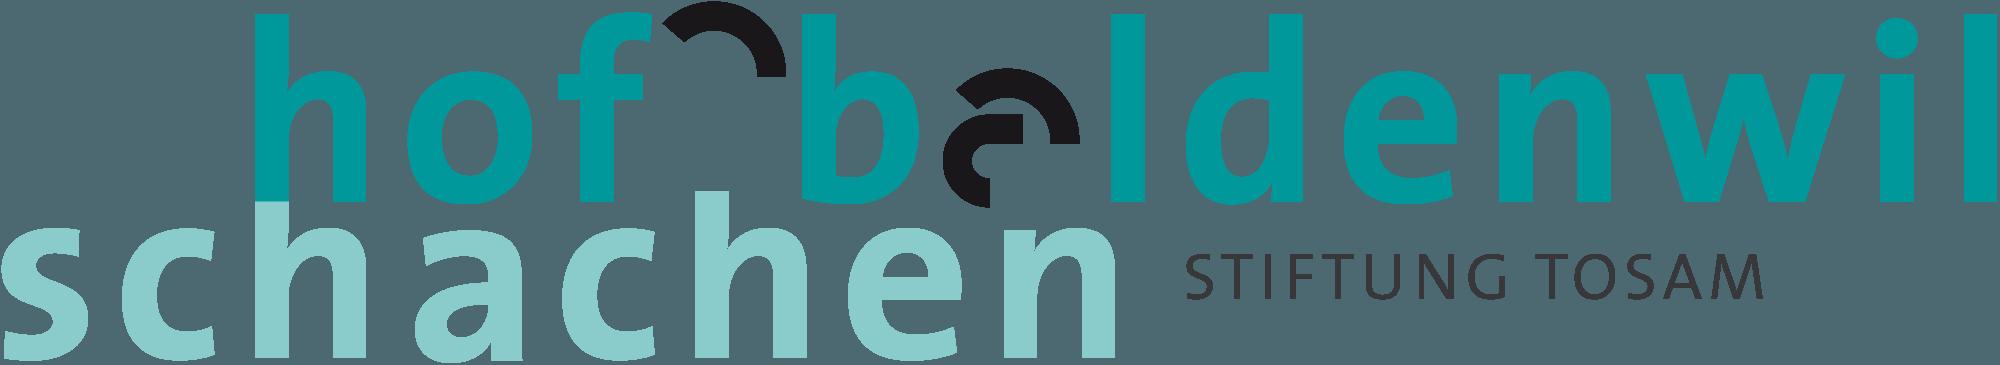 Hof Baldenwil Schachen Stiftung Tosam